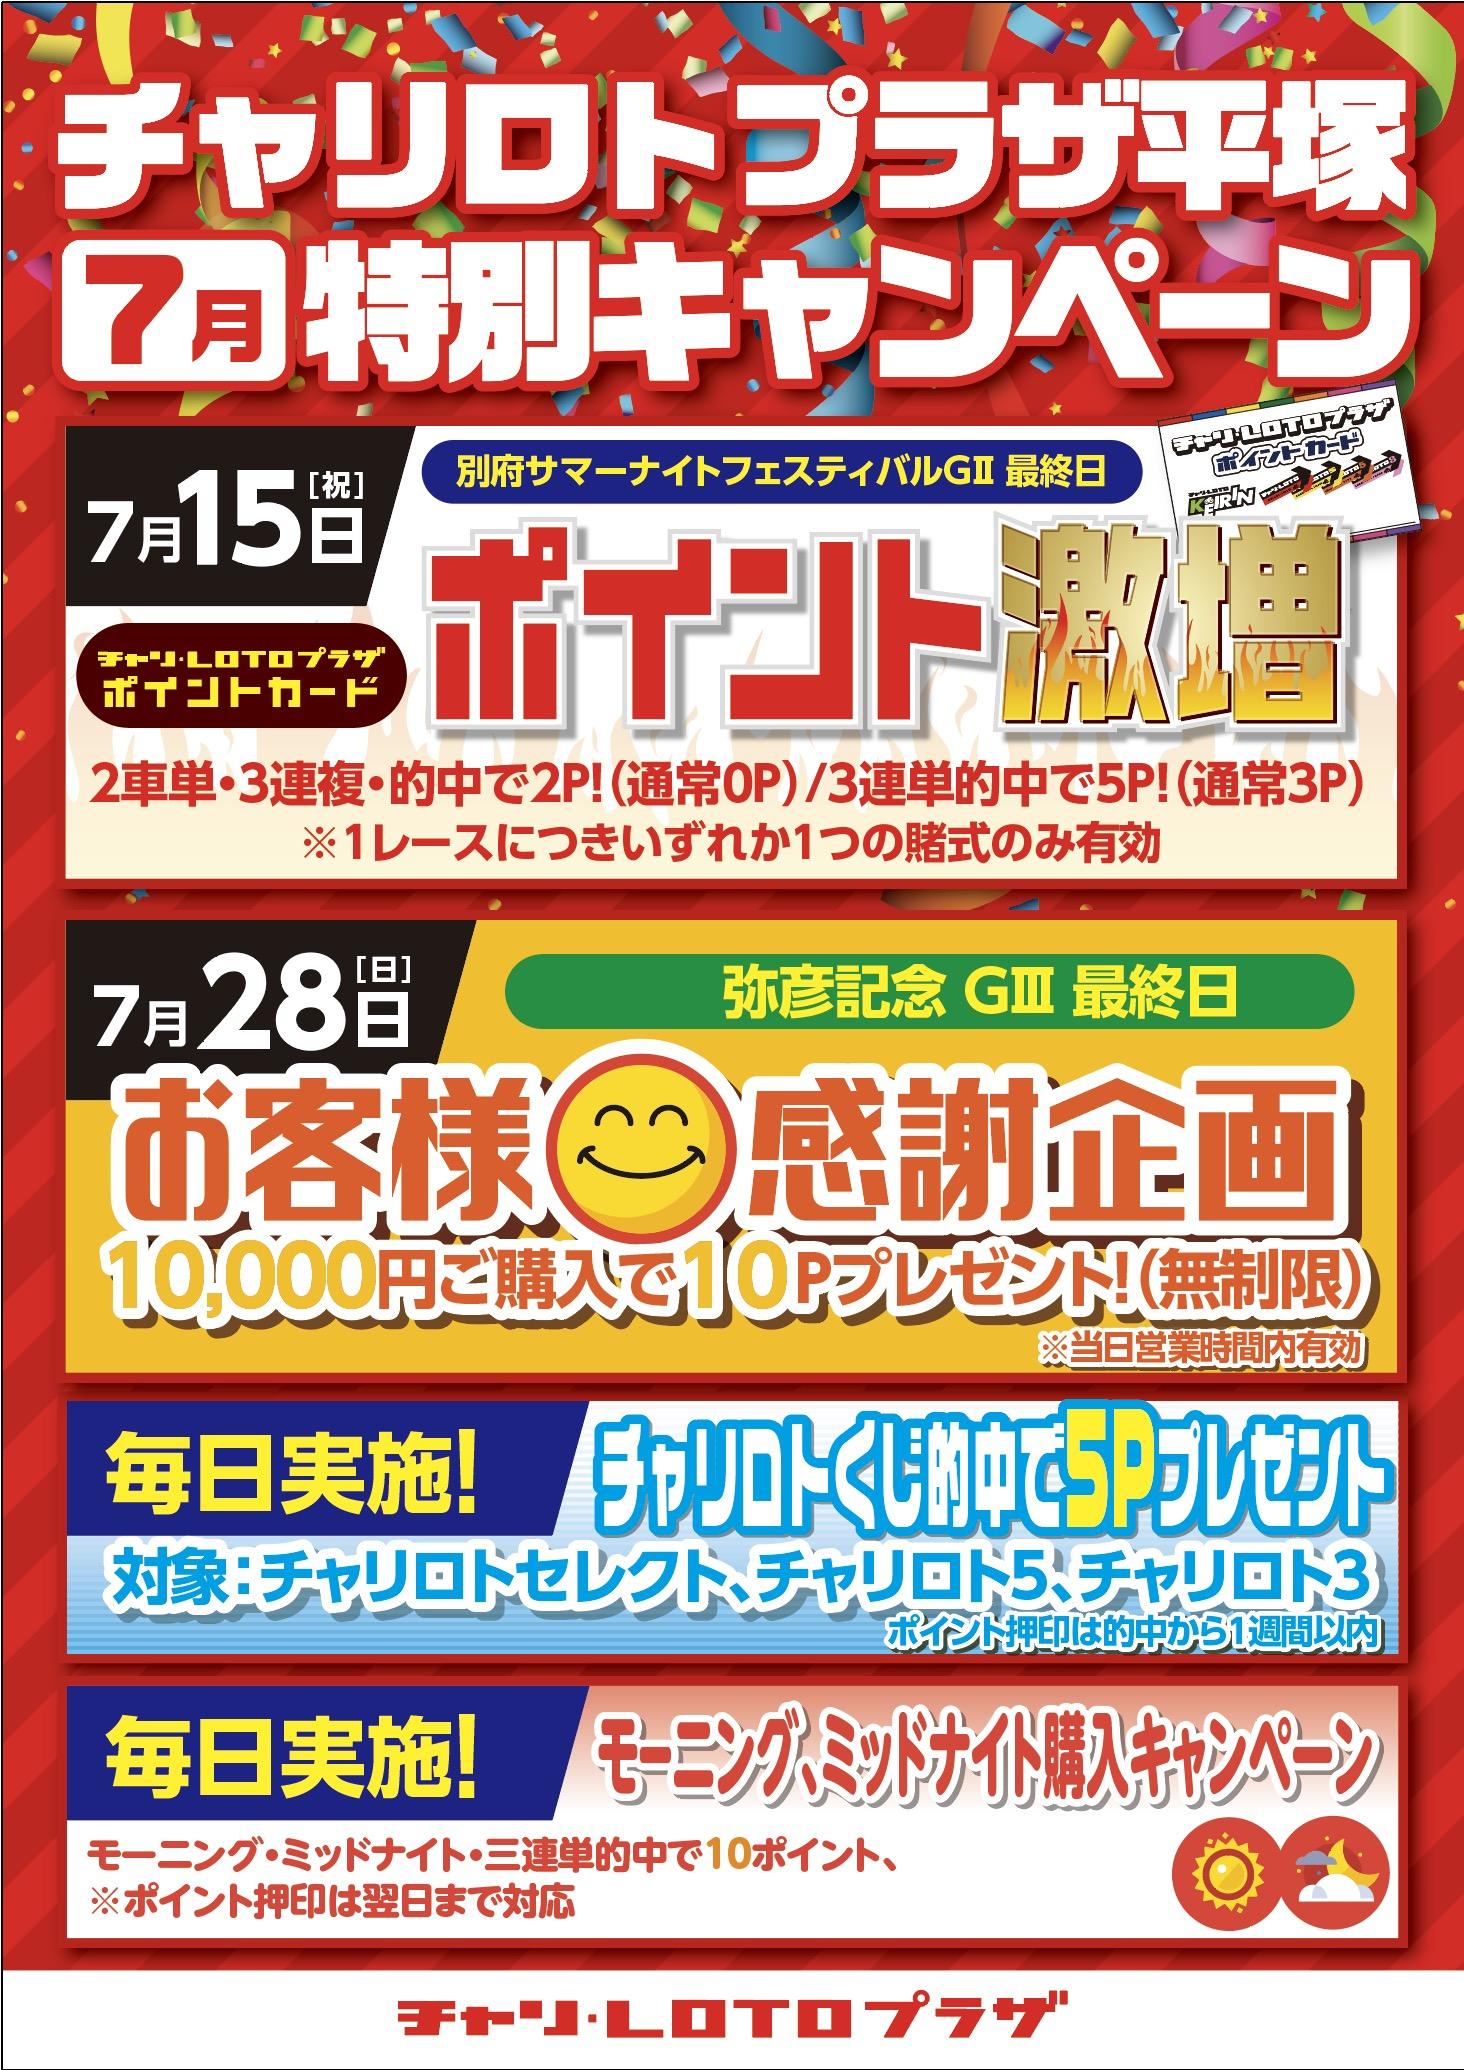 【平塚】モーニング・ミッドナイト月間特別CP(7月)